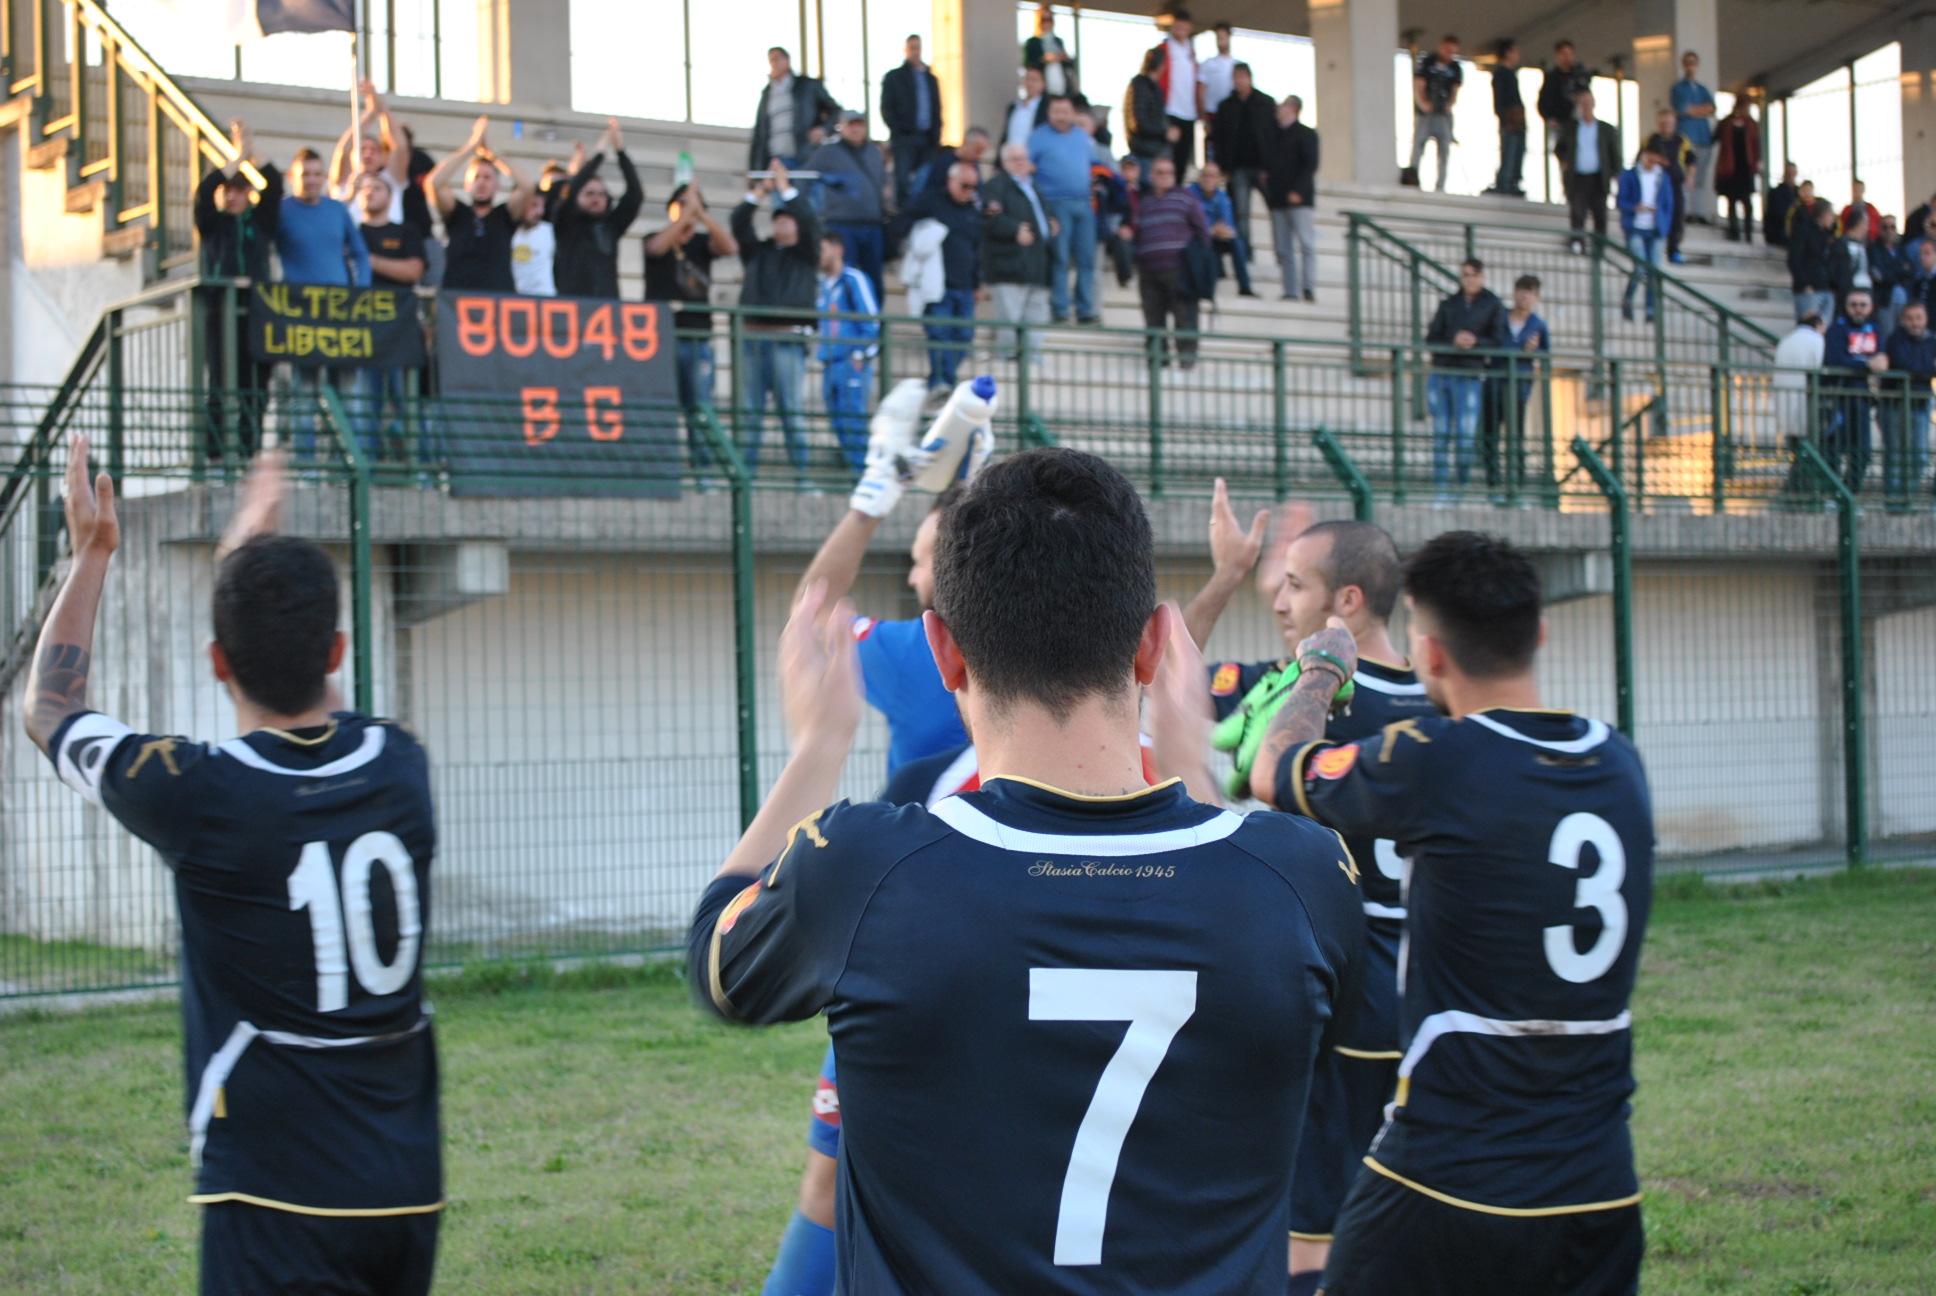 Buon pareggio per lo Stasia Calcio contro l'Hermes Casagiove: la soddisfazione del tecnico Michele Sacco e del dg Borzacchiello